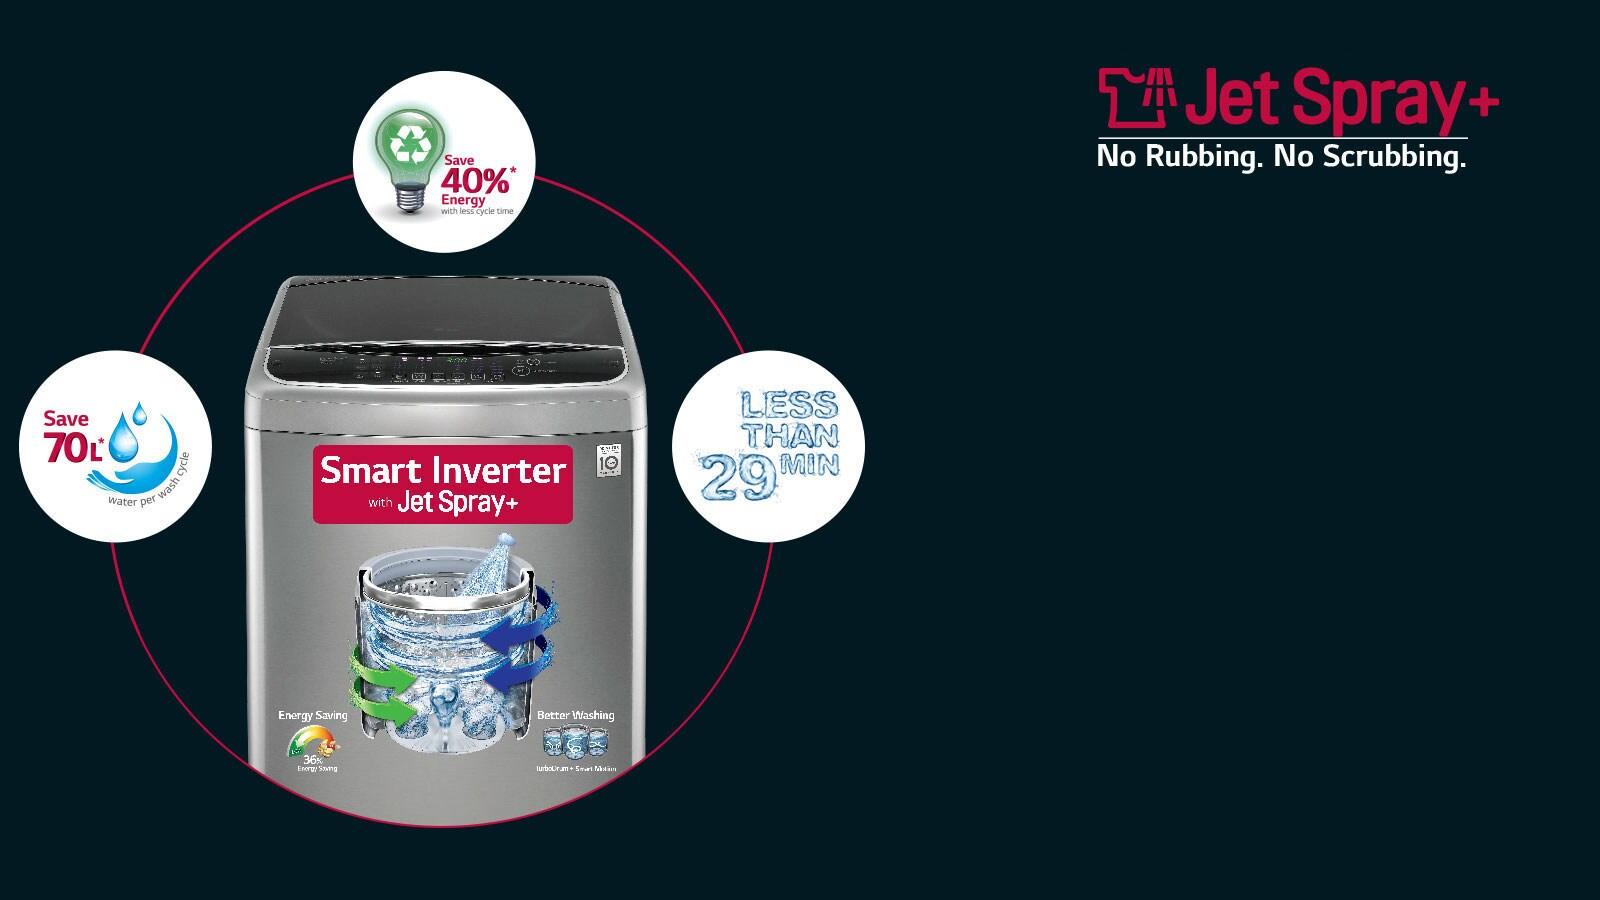 LG T70SJMB1Z 7.0 kg Jet Spray+